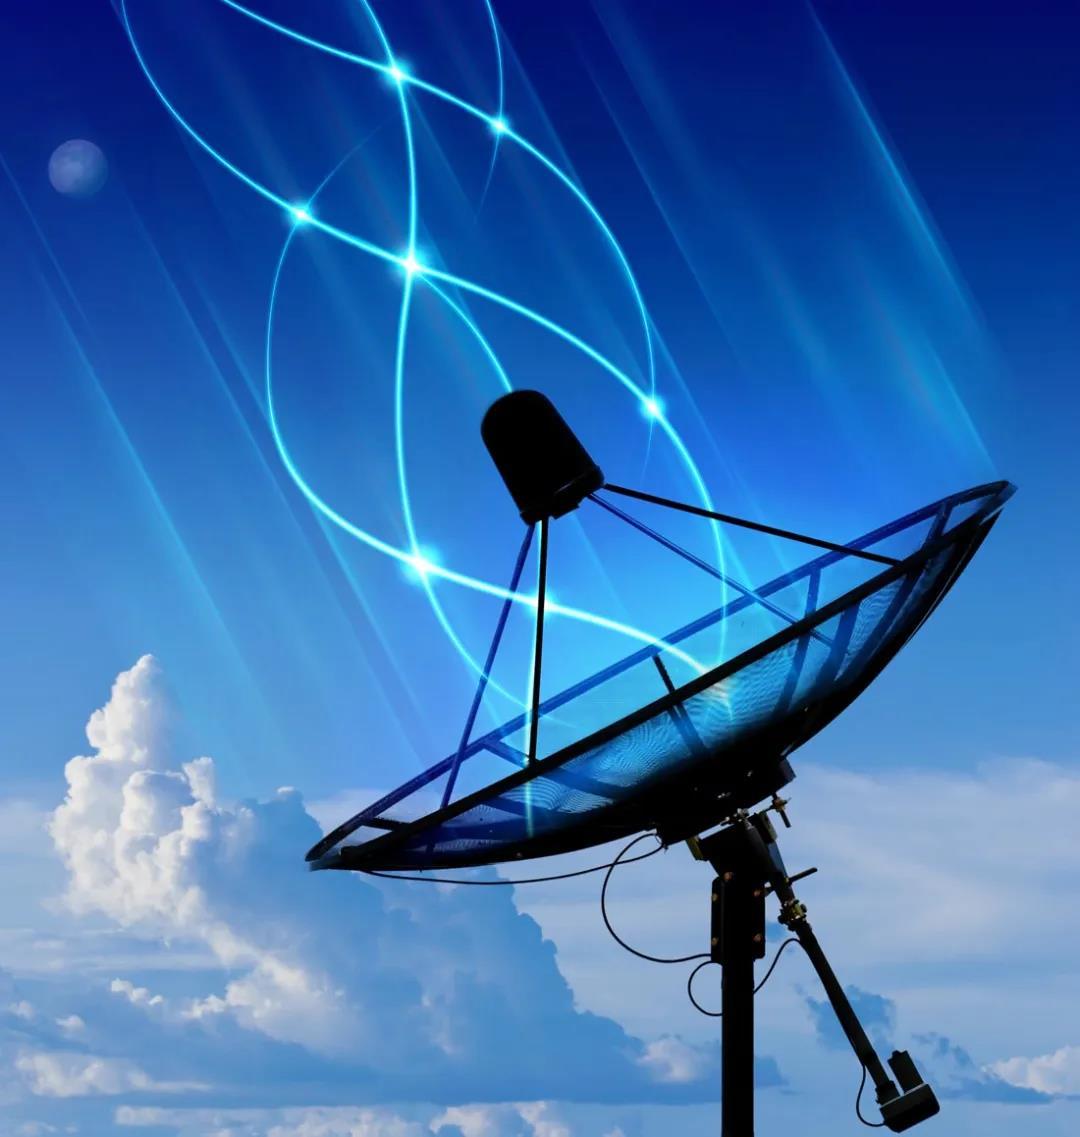 【益萊儲】有了雷達,才能更智慧